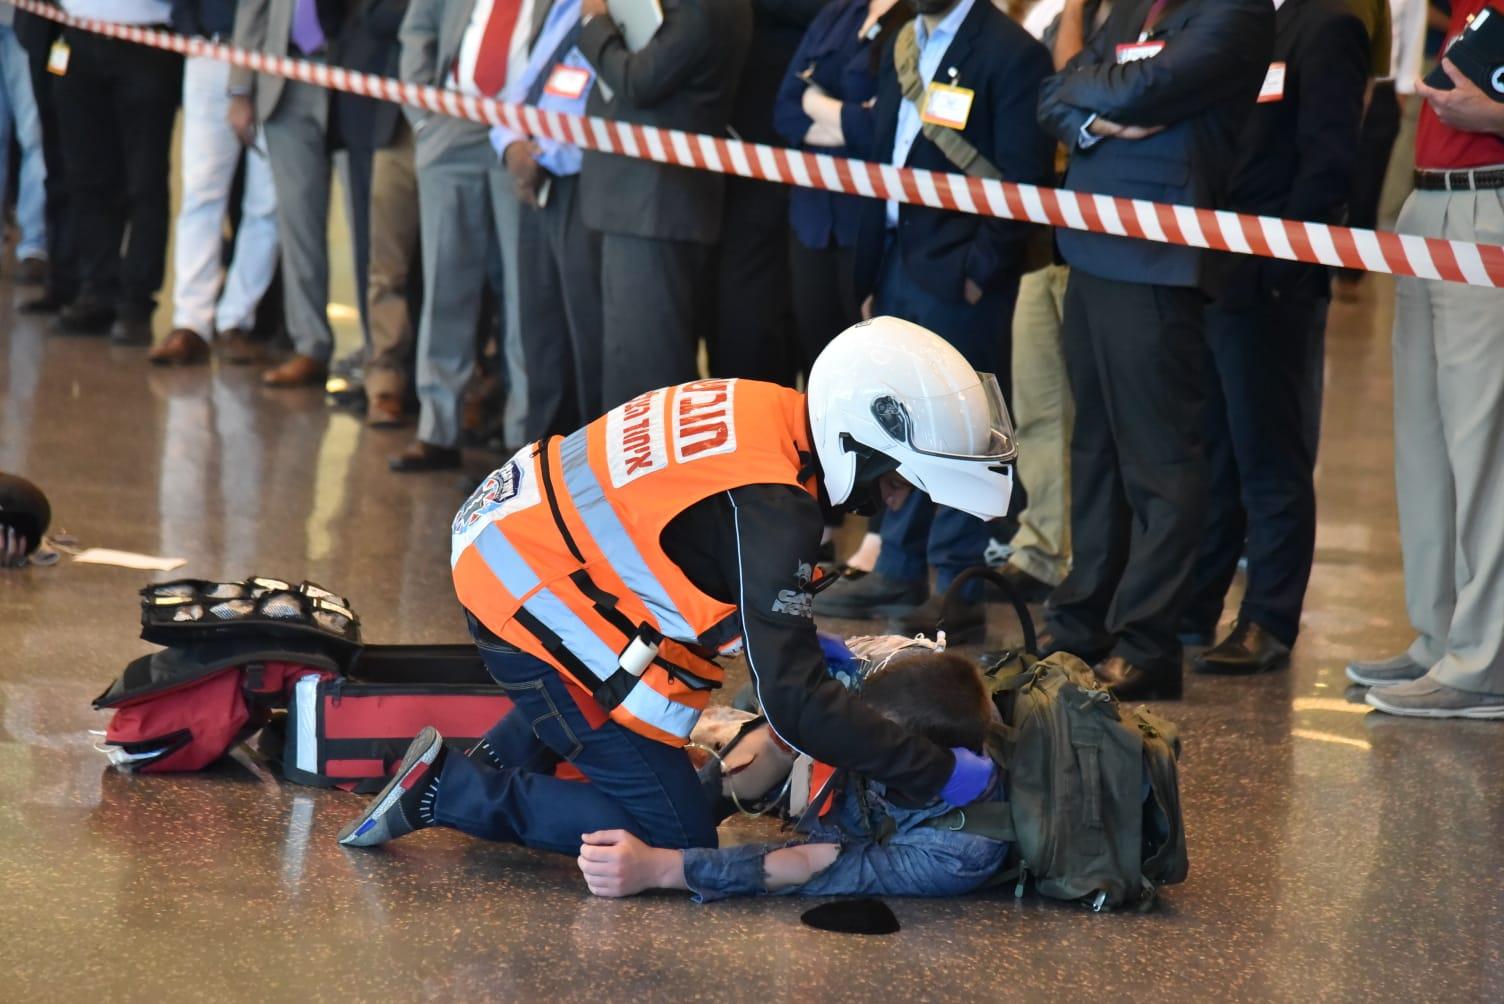 """הטיפול בפצוע הדקירה ב""""סינמה סיטי"""" בראשון לציון. צילום: איחוד הצלה"""